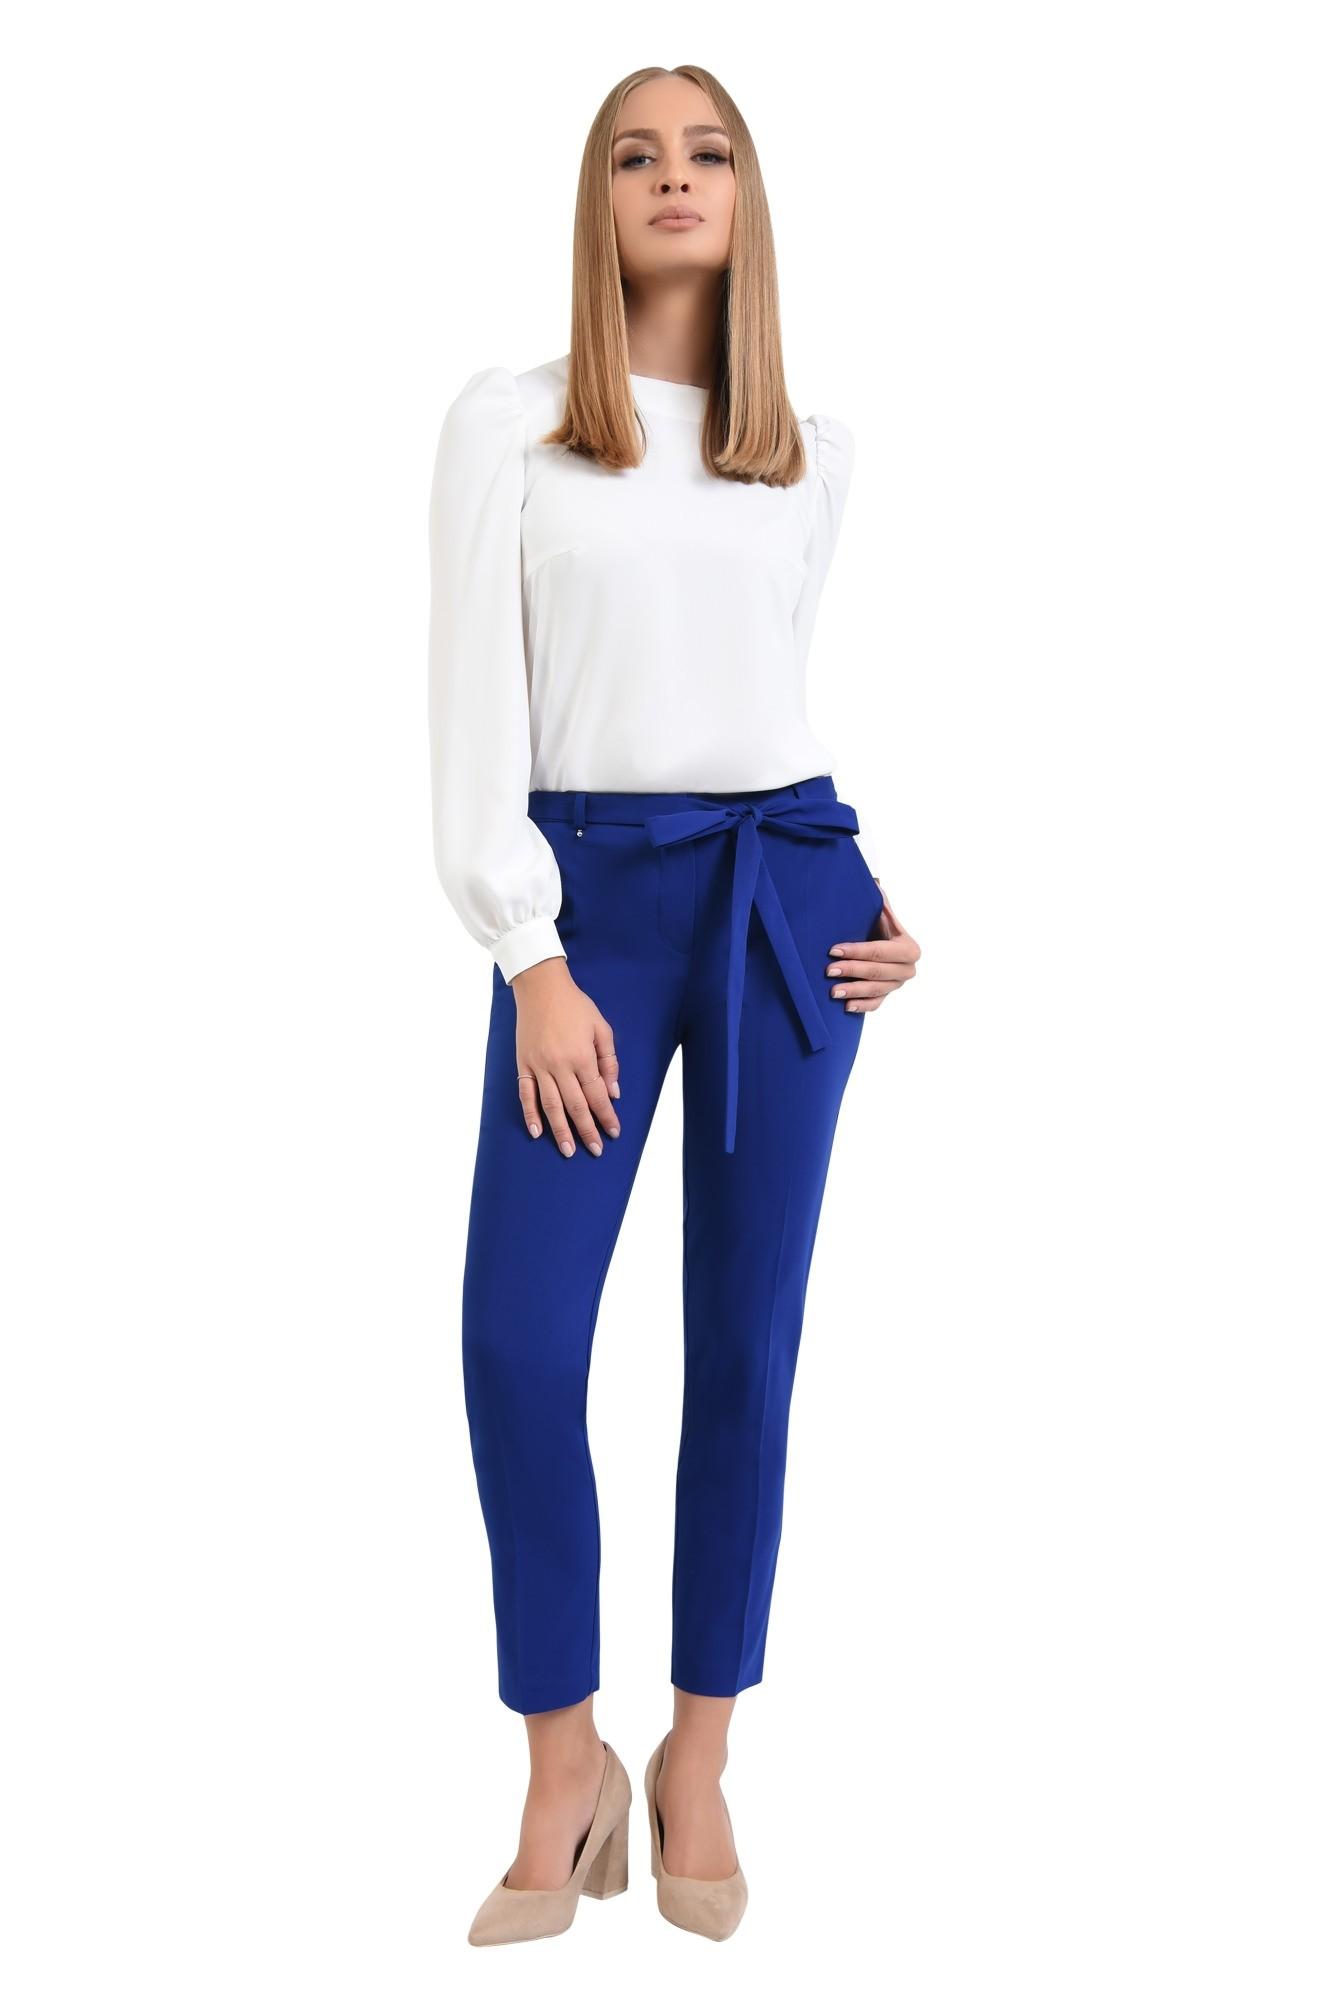 0 - pantaloni casual, conici, albastru, cu cordon